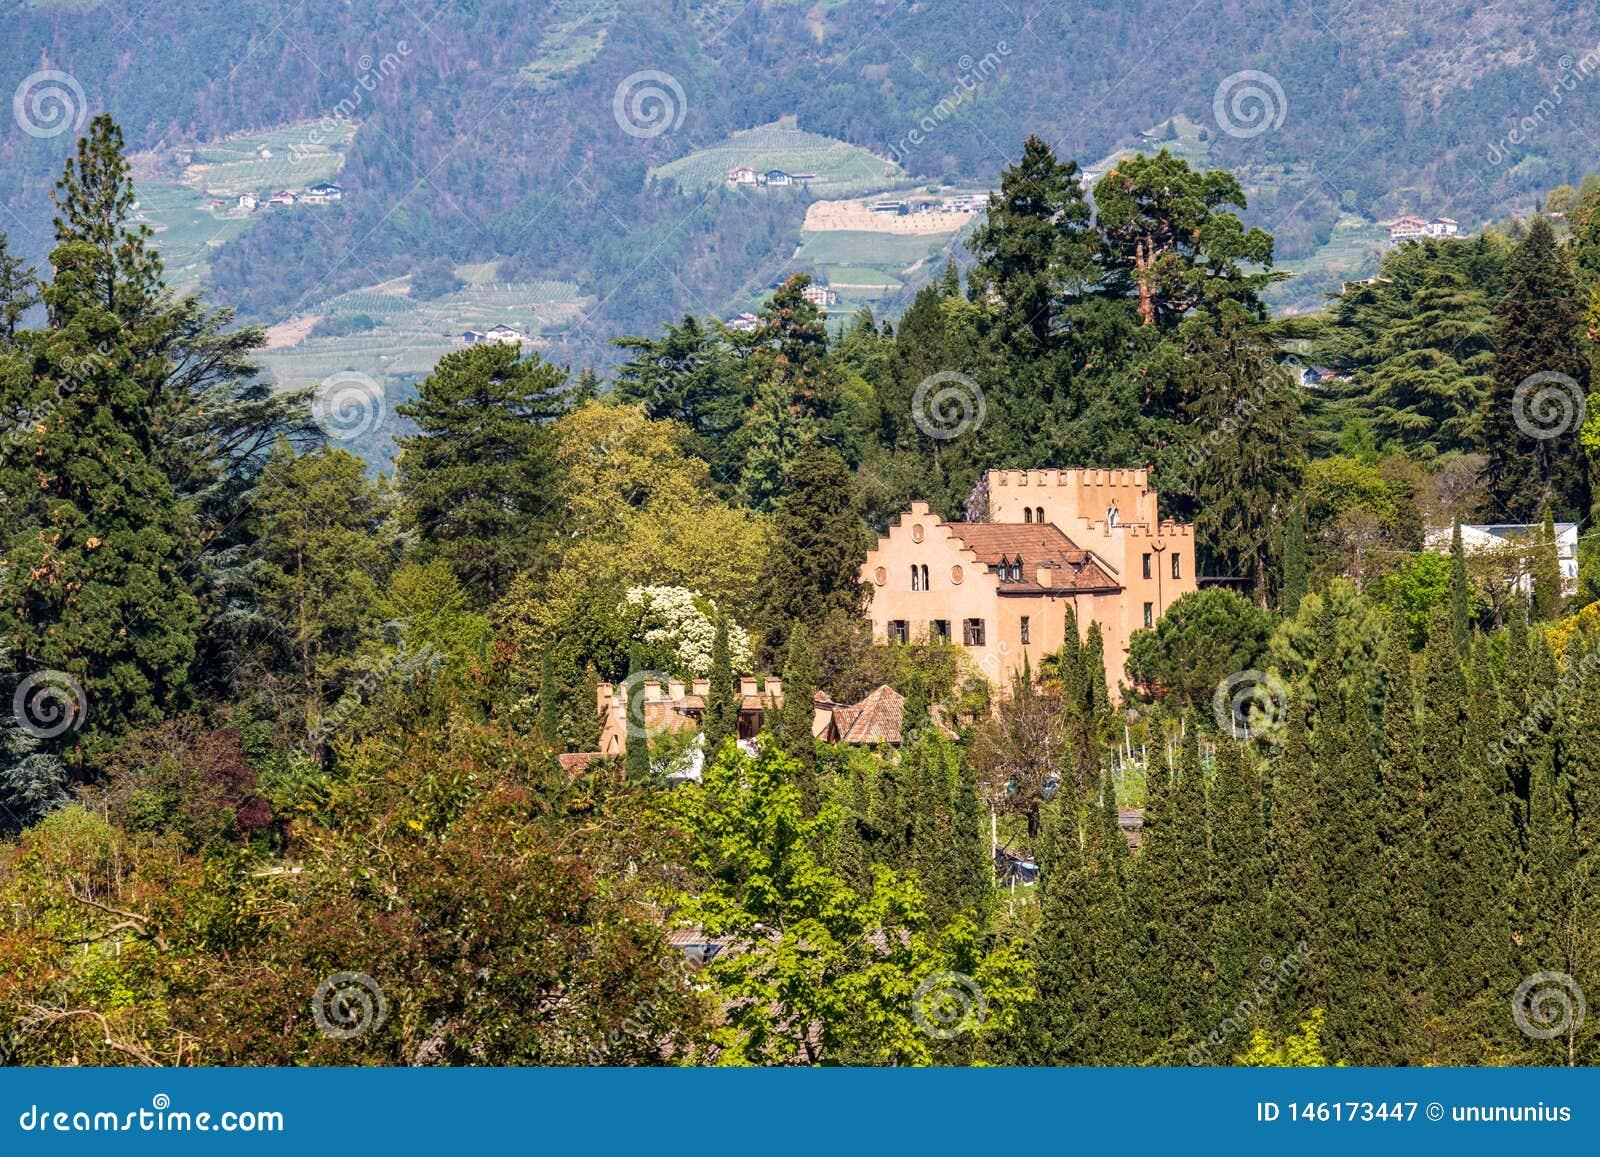 Πανόραμα του Castle Pienzenau μεταξύ ενός πράσινου τοπίου του Meran Merano, επαρχία Μπολτζάνο, νότιο Τύρολο, Ιταλία